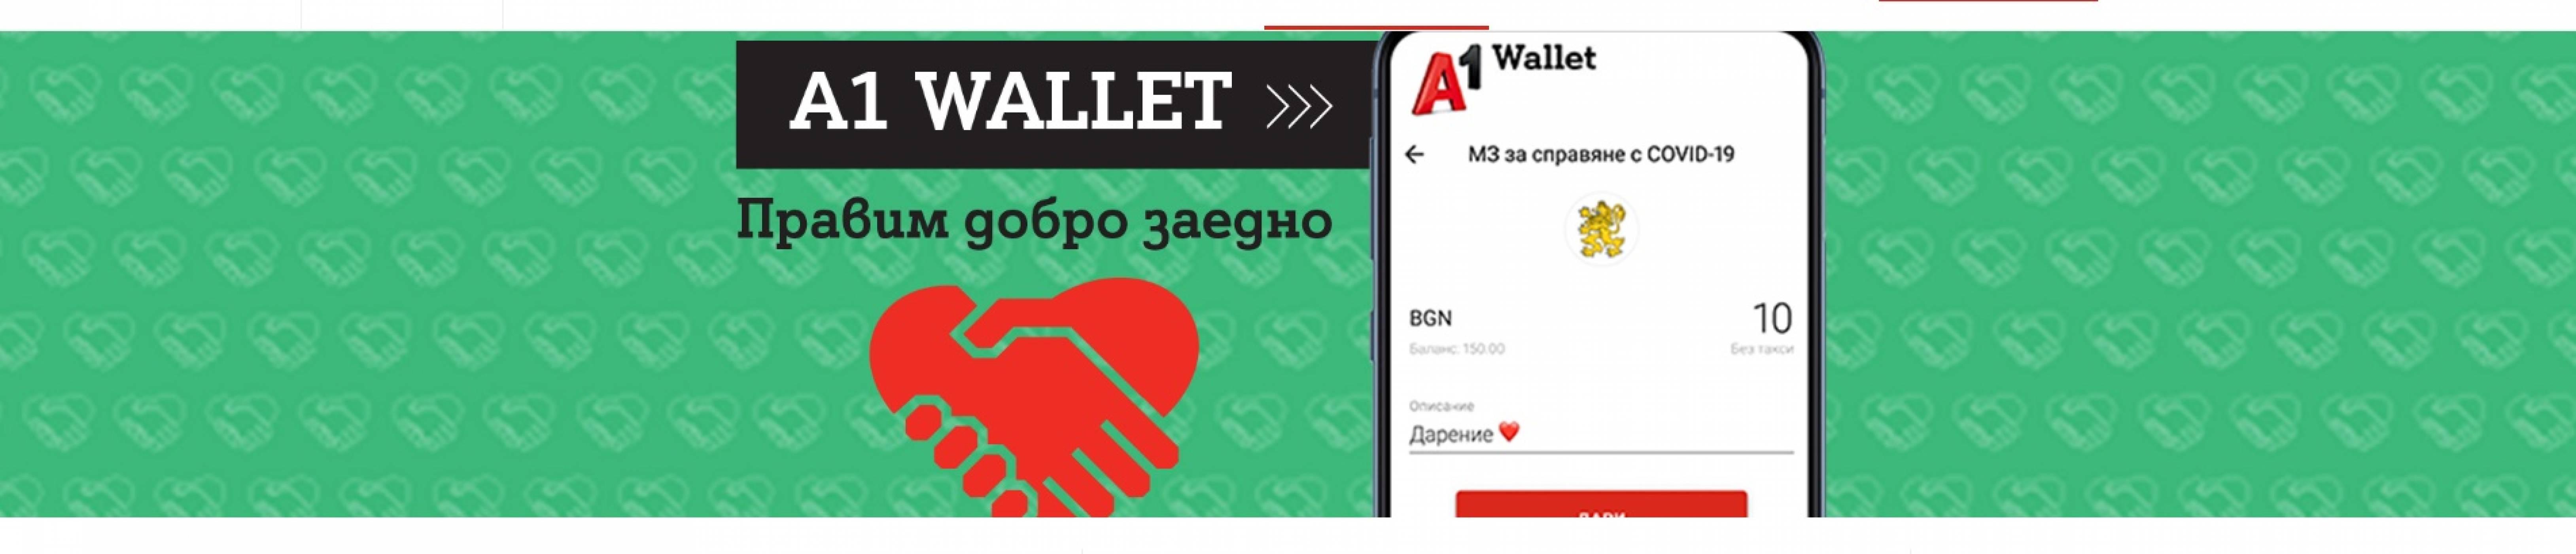 A1 Wallet - новият дигитален портфейл